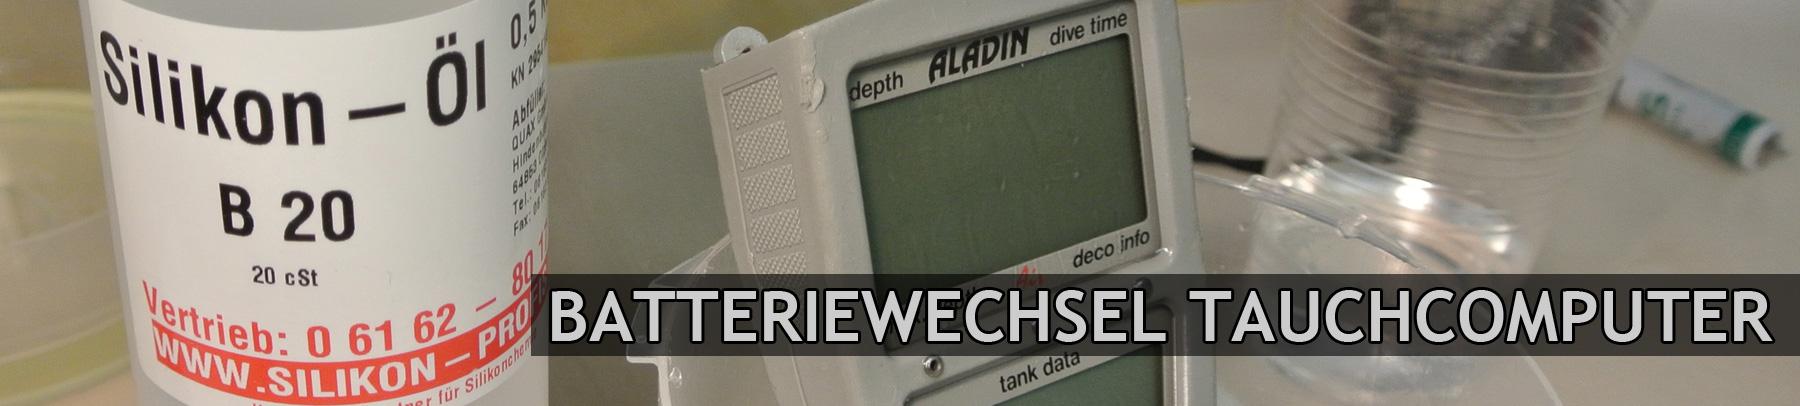 Batteriewechsel-tauchcomputer-Uwatec-Aladin-Suunto-Banner